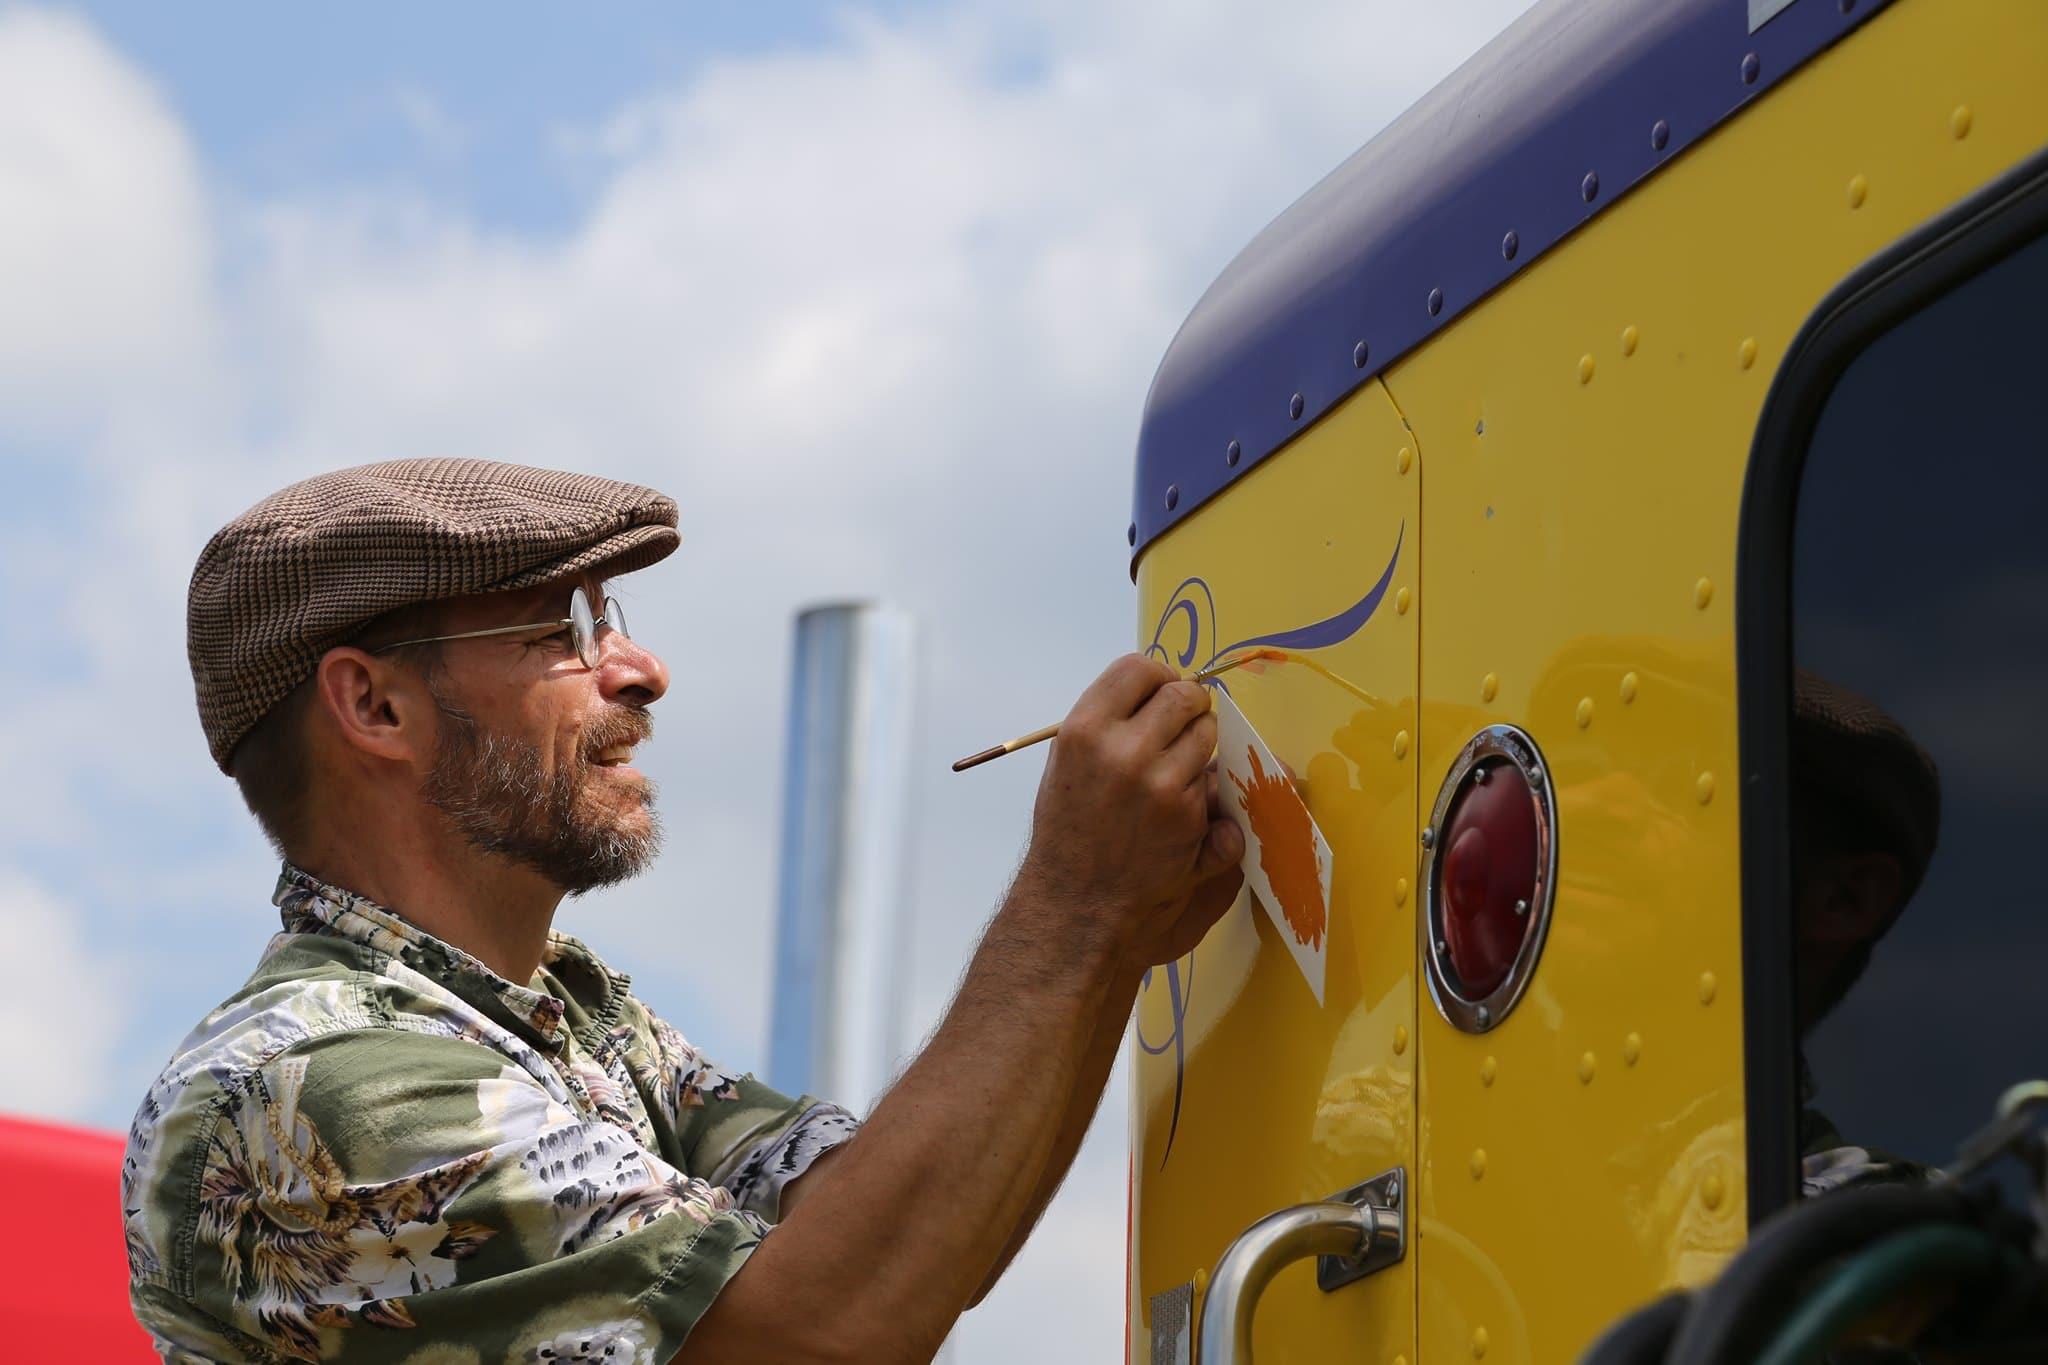 Pierre Tardif lettreur à la main camion